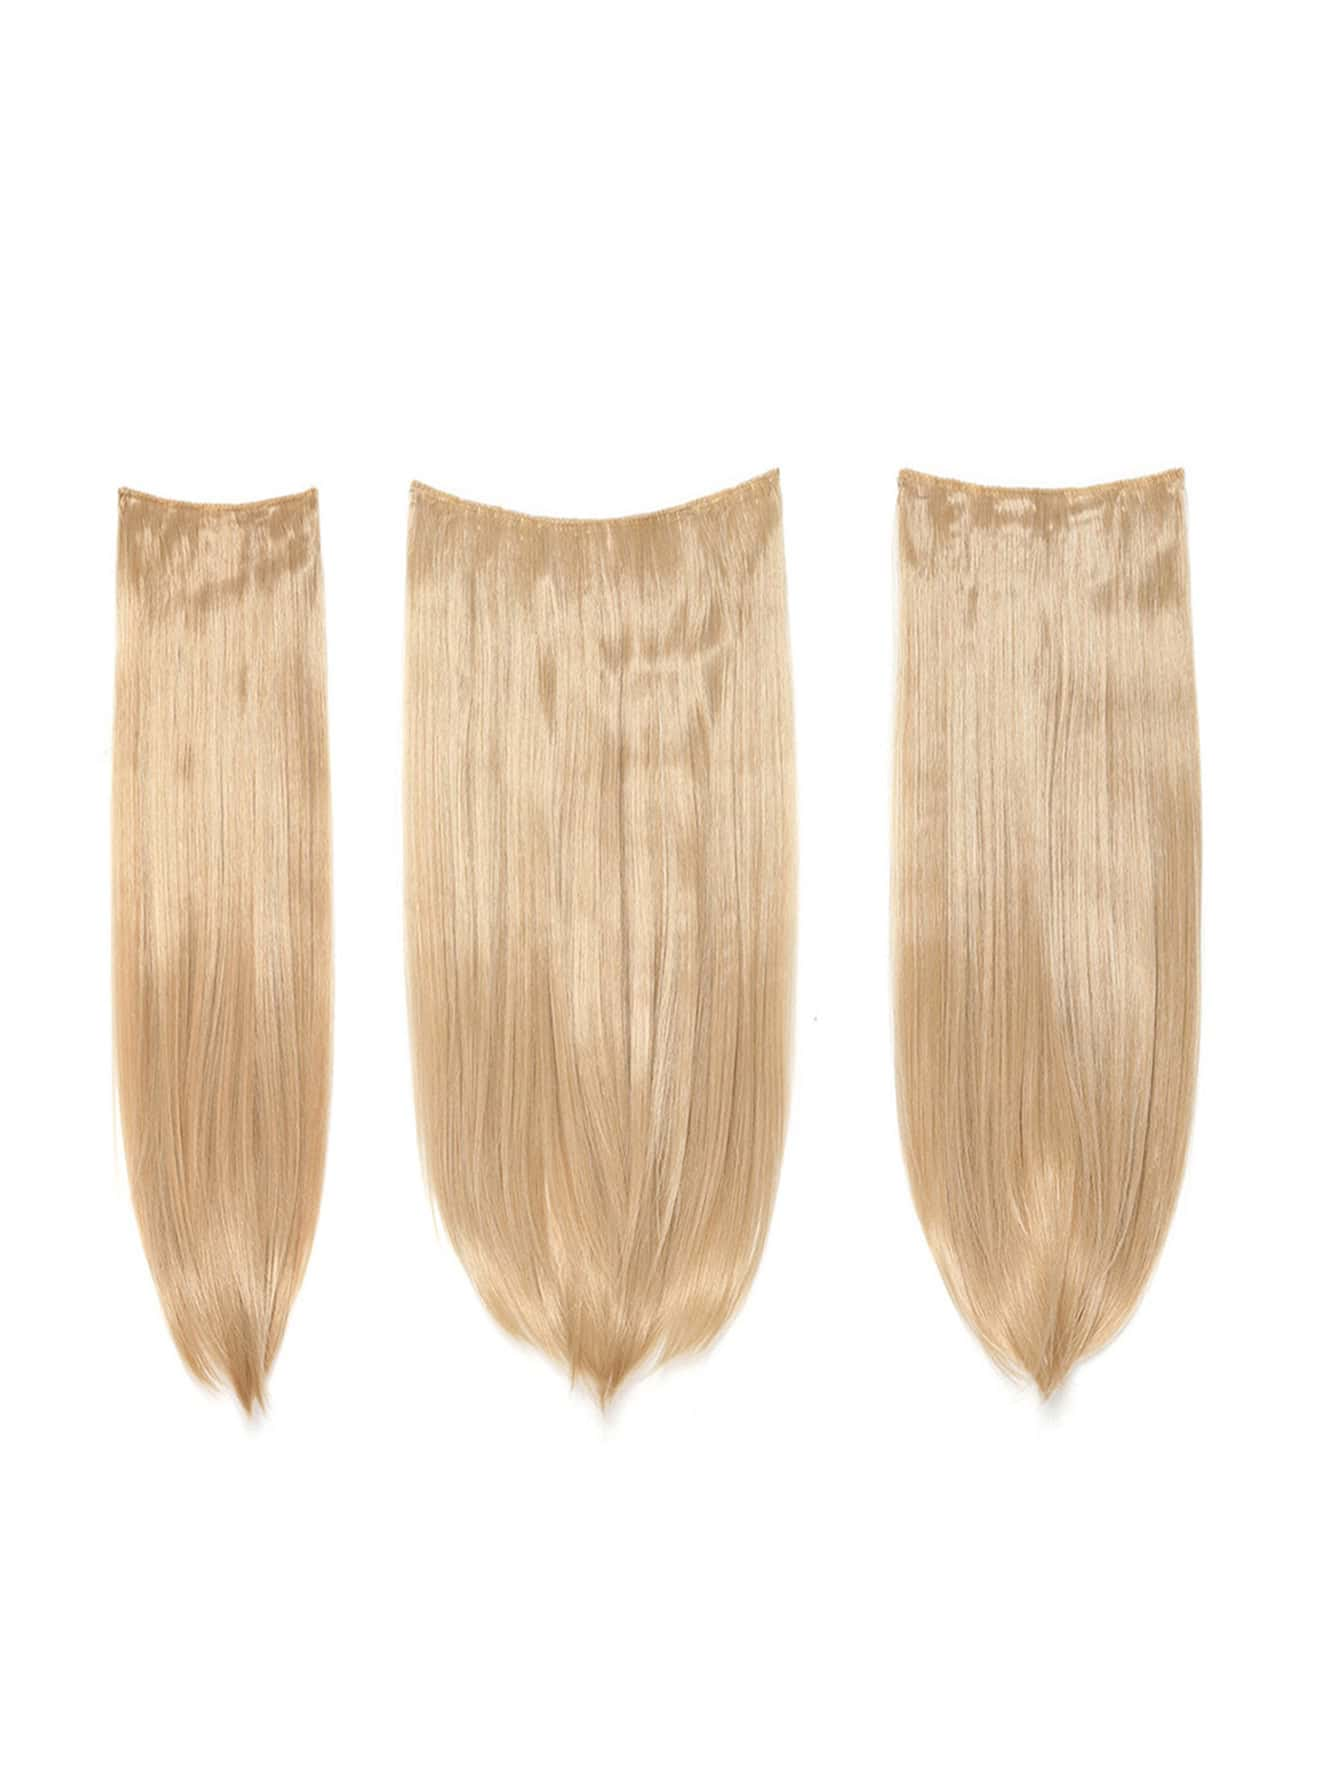 Купить Светло-золотистые искусственные волосы с заколкой 3 шт., null, SheIn